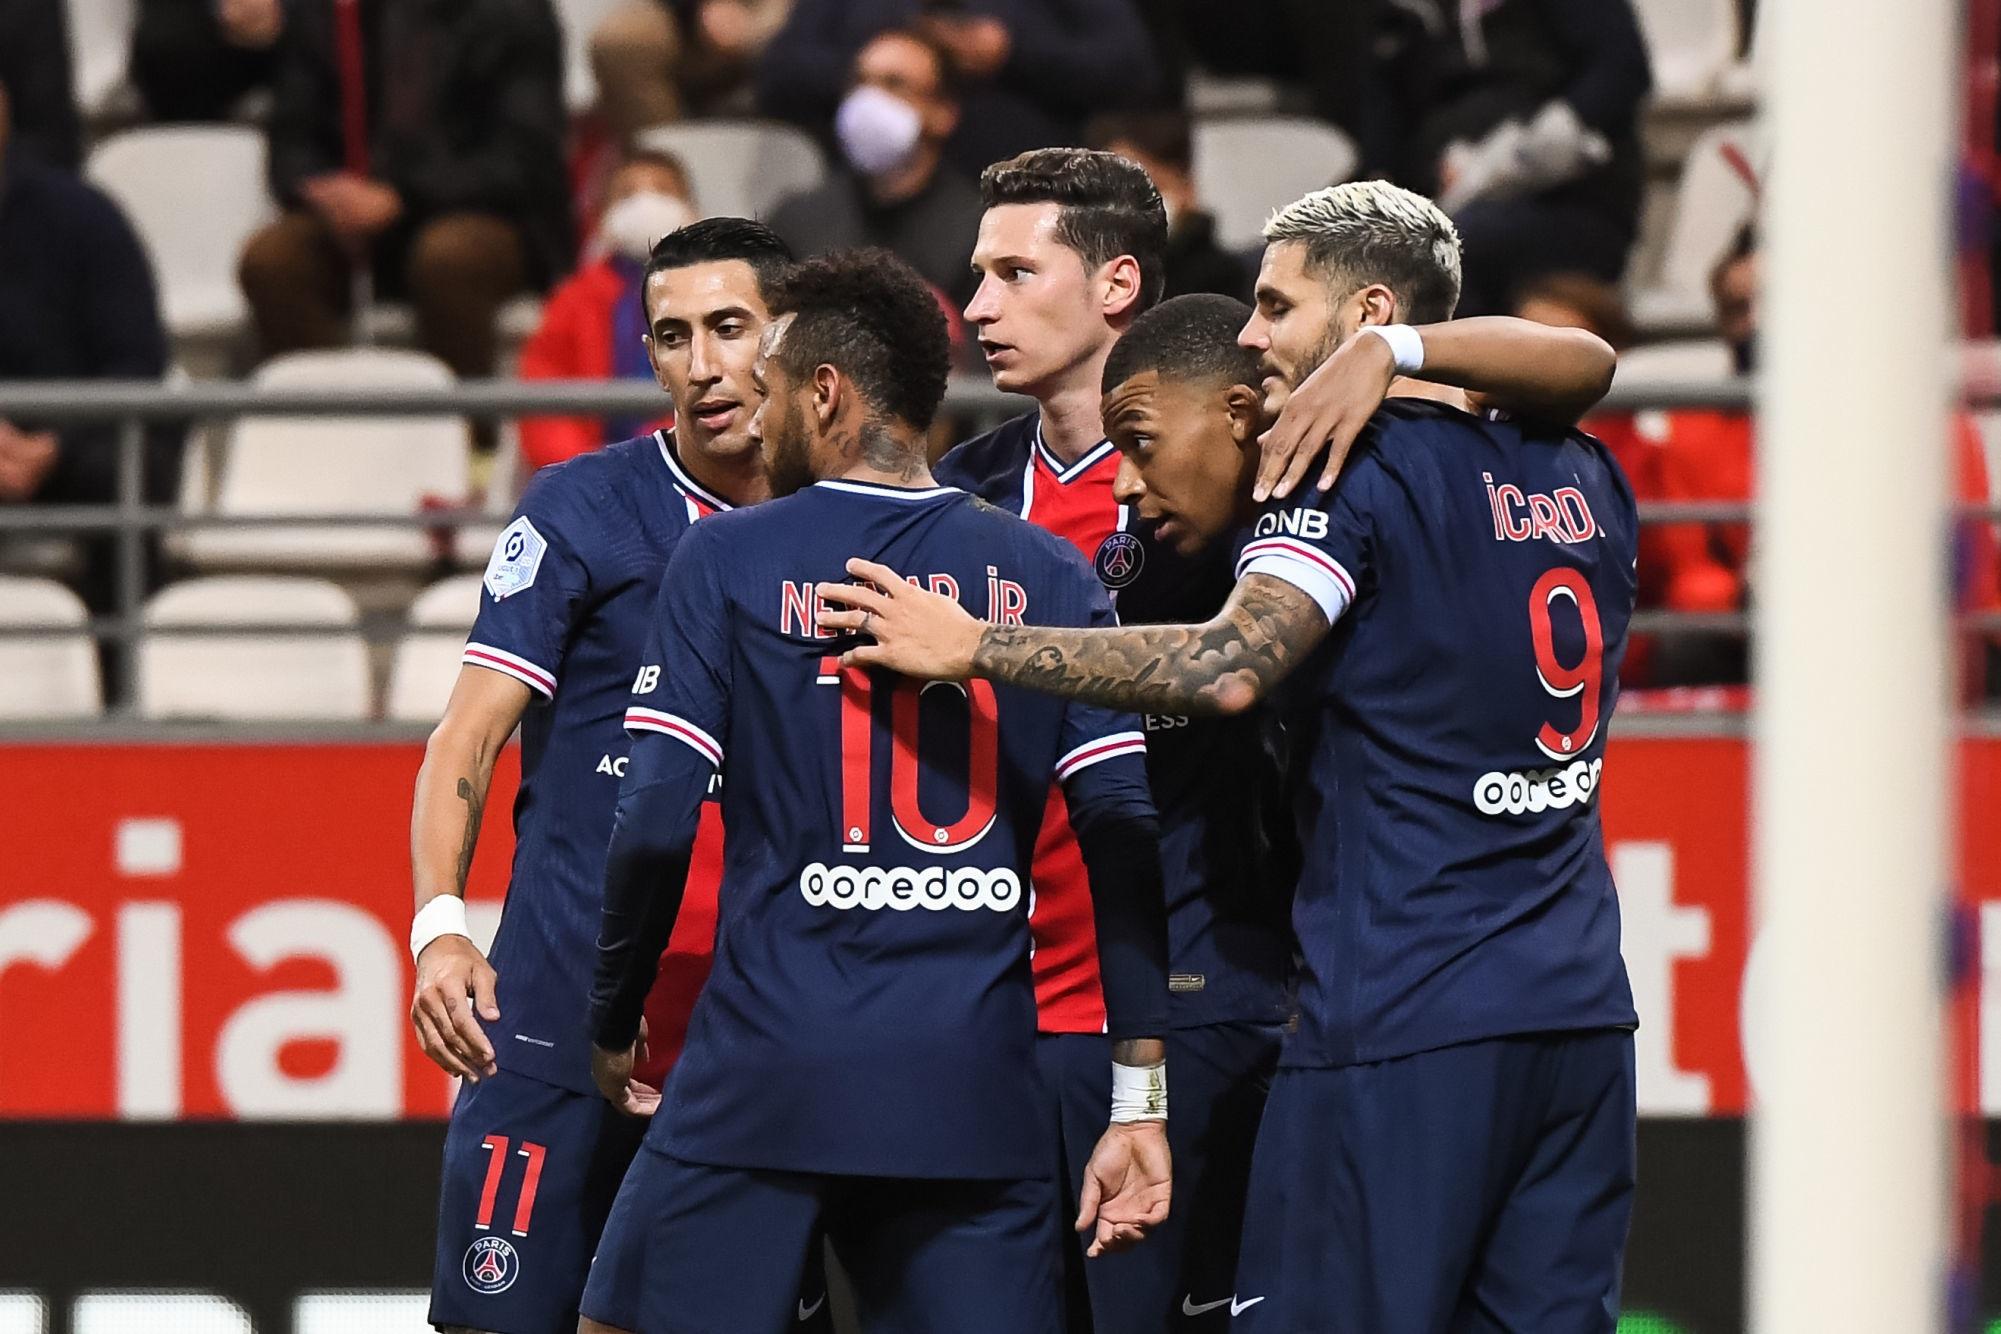 """Reims/PSG - Les notes des Parisiens : Icardi """"de retour"""" dans une belle victoire parisienne"""